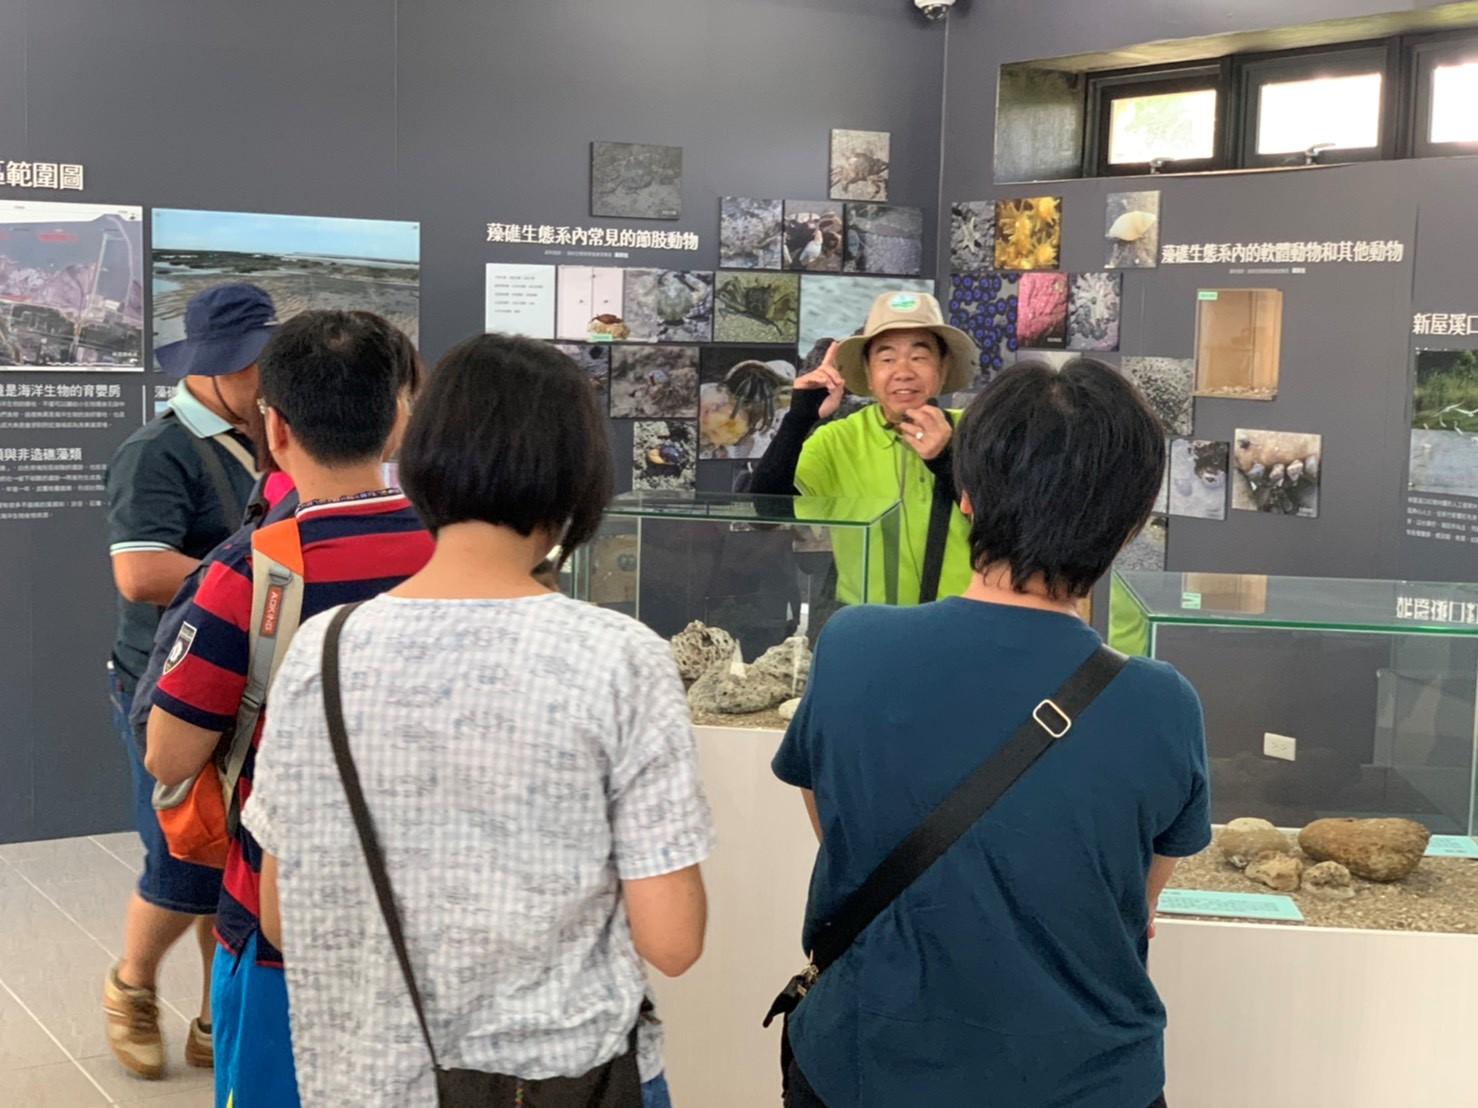 藻礁導覽解說服務,一起認識珍貴的藻礁生態